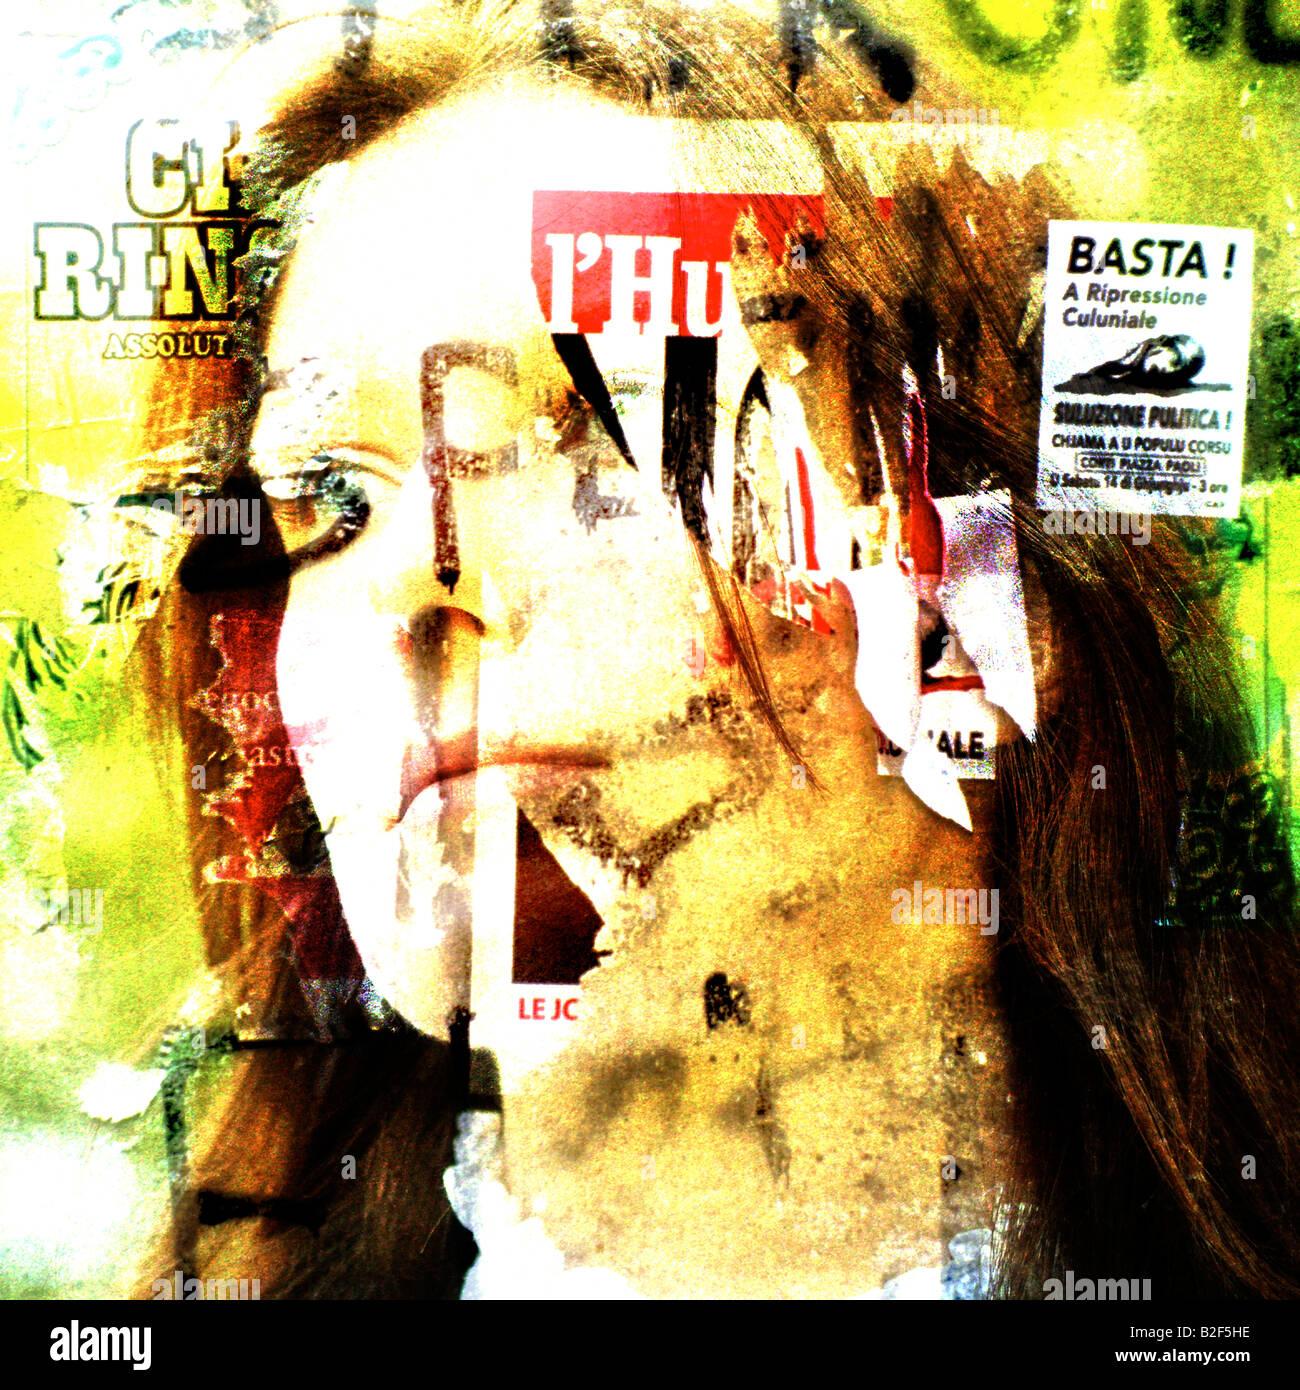 Das Gesicht einer jungen Frau und Grafik urban Decay für nur zur redaktionellen Nutzung Stockbild